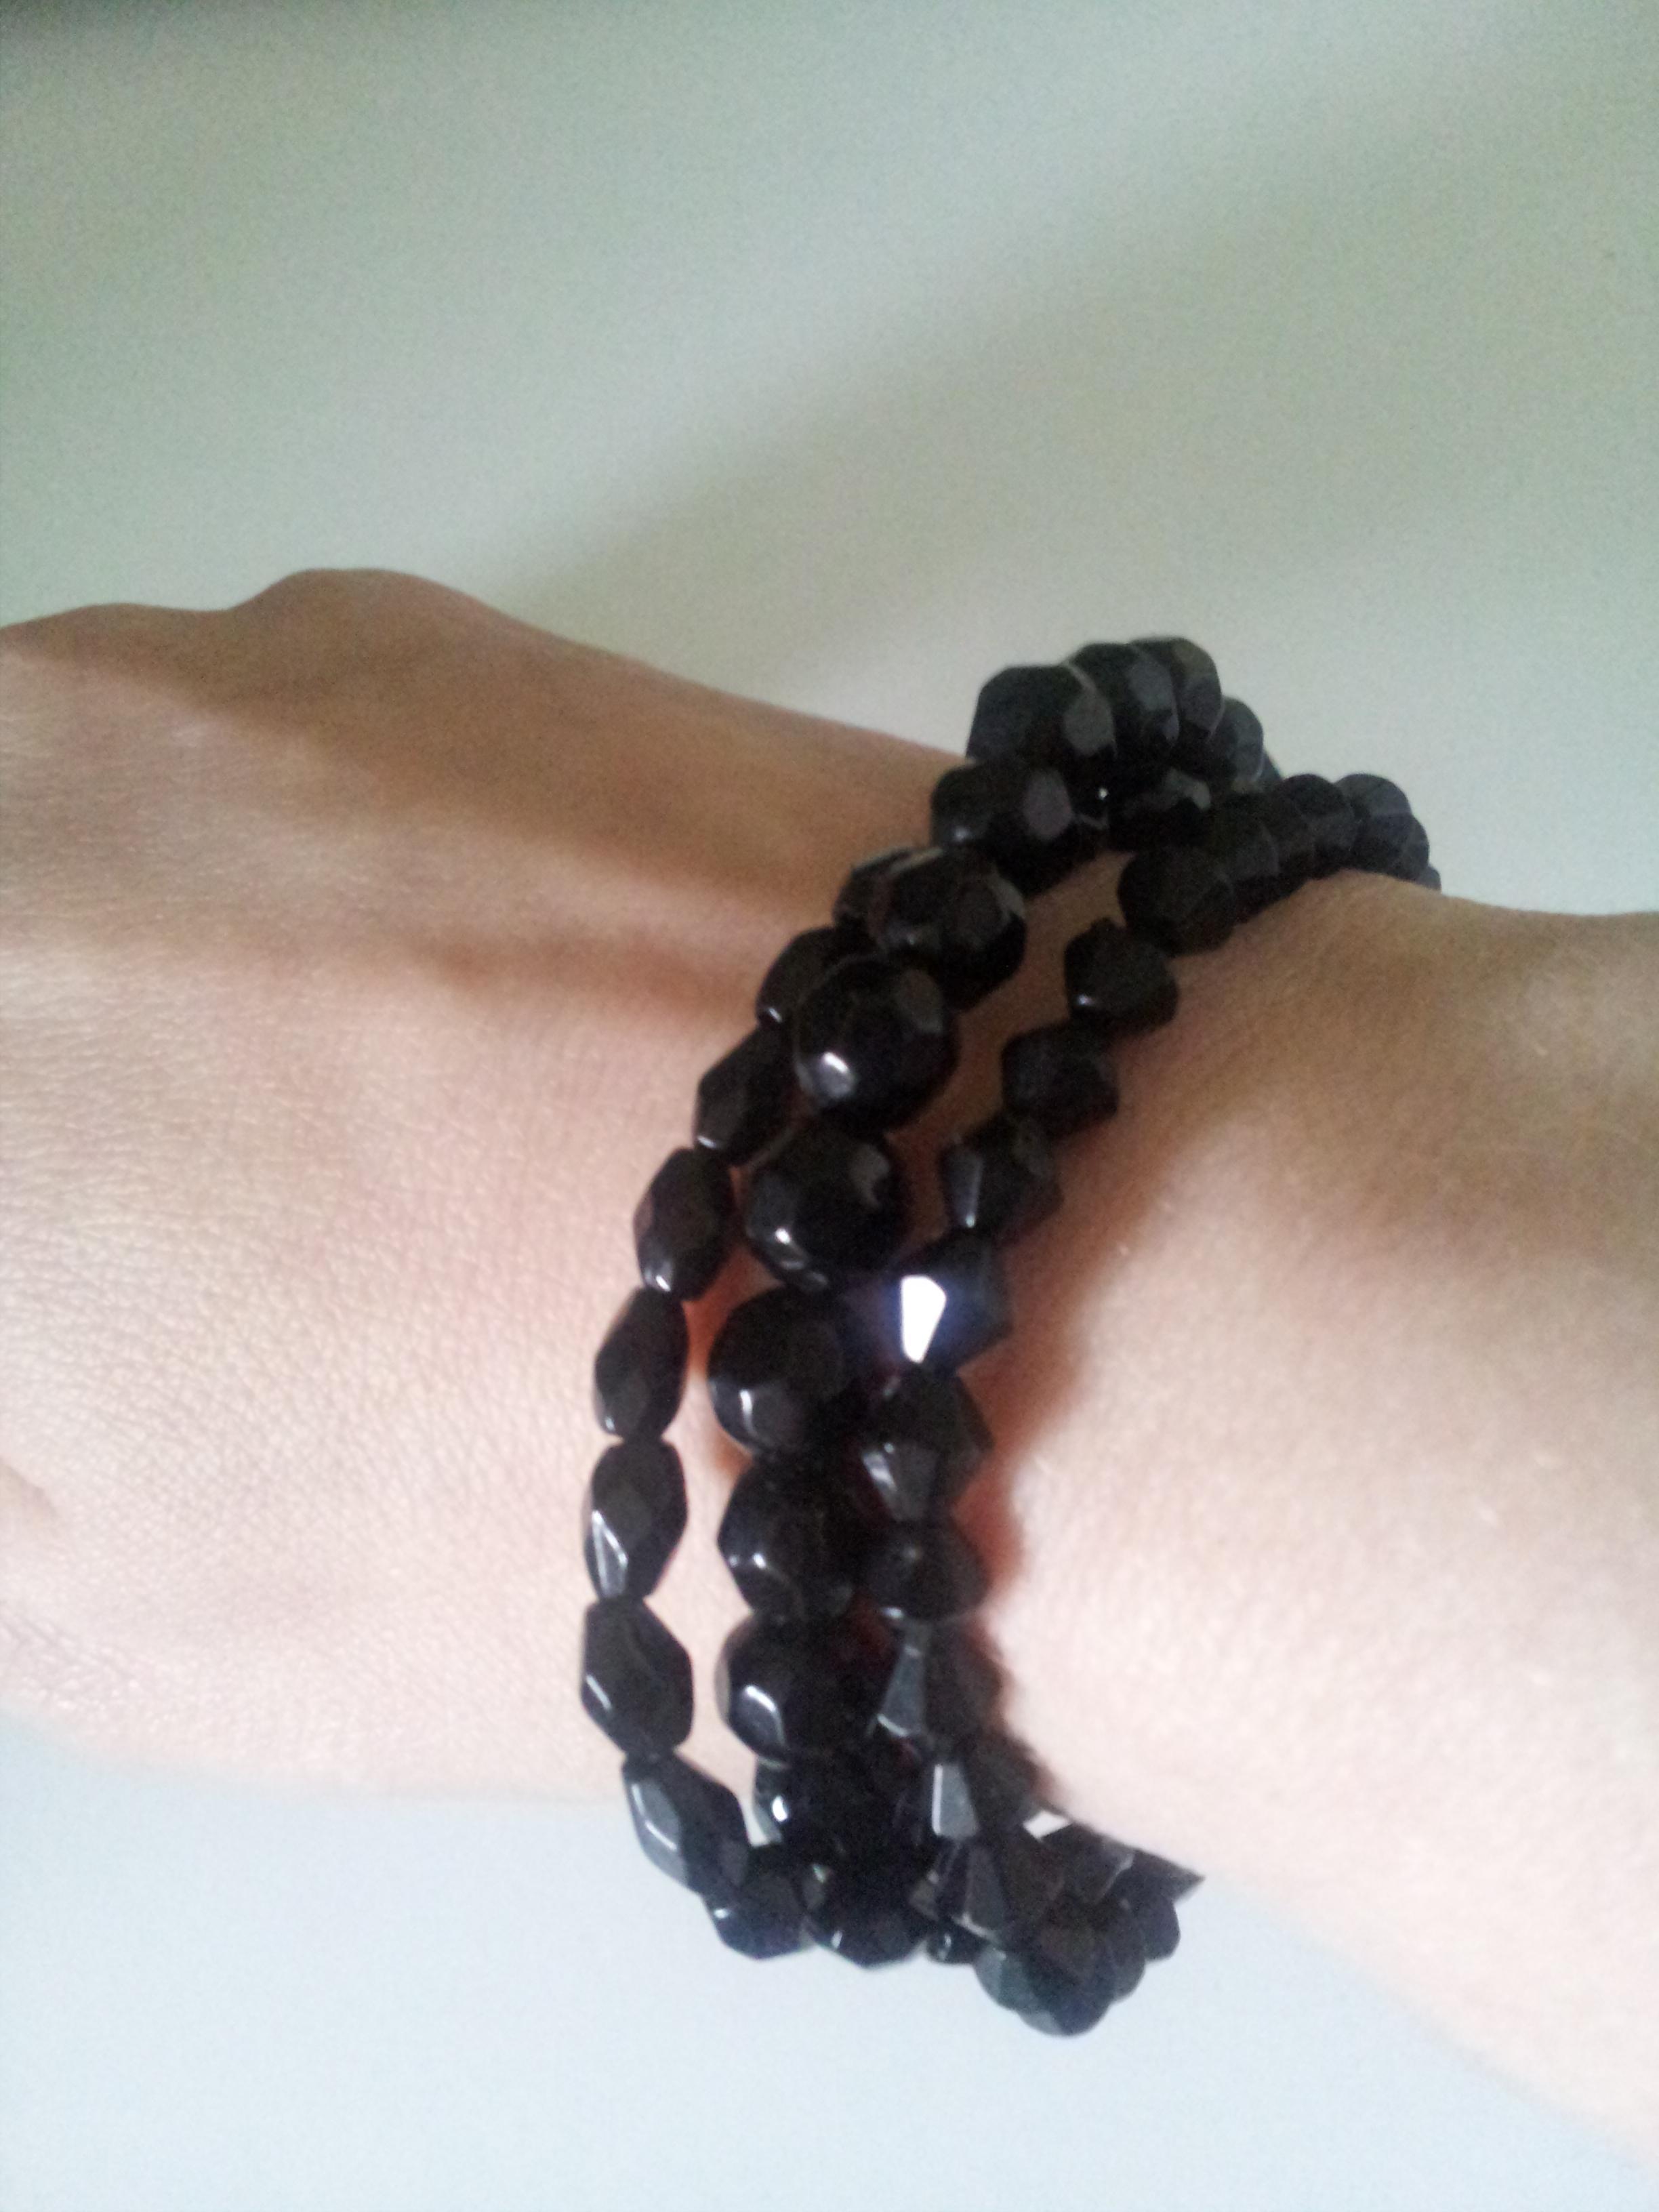 troc de troc bracelet fantaisie image 1